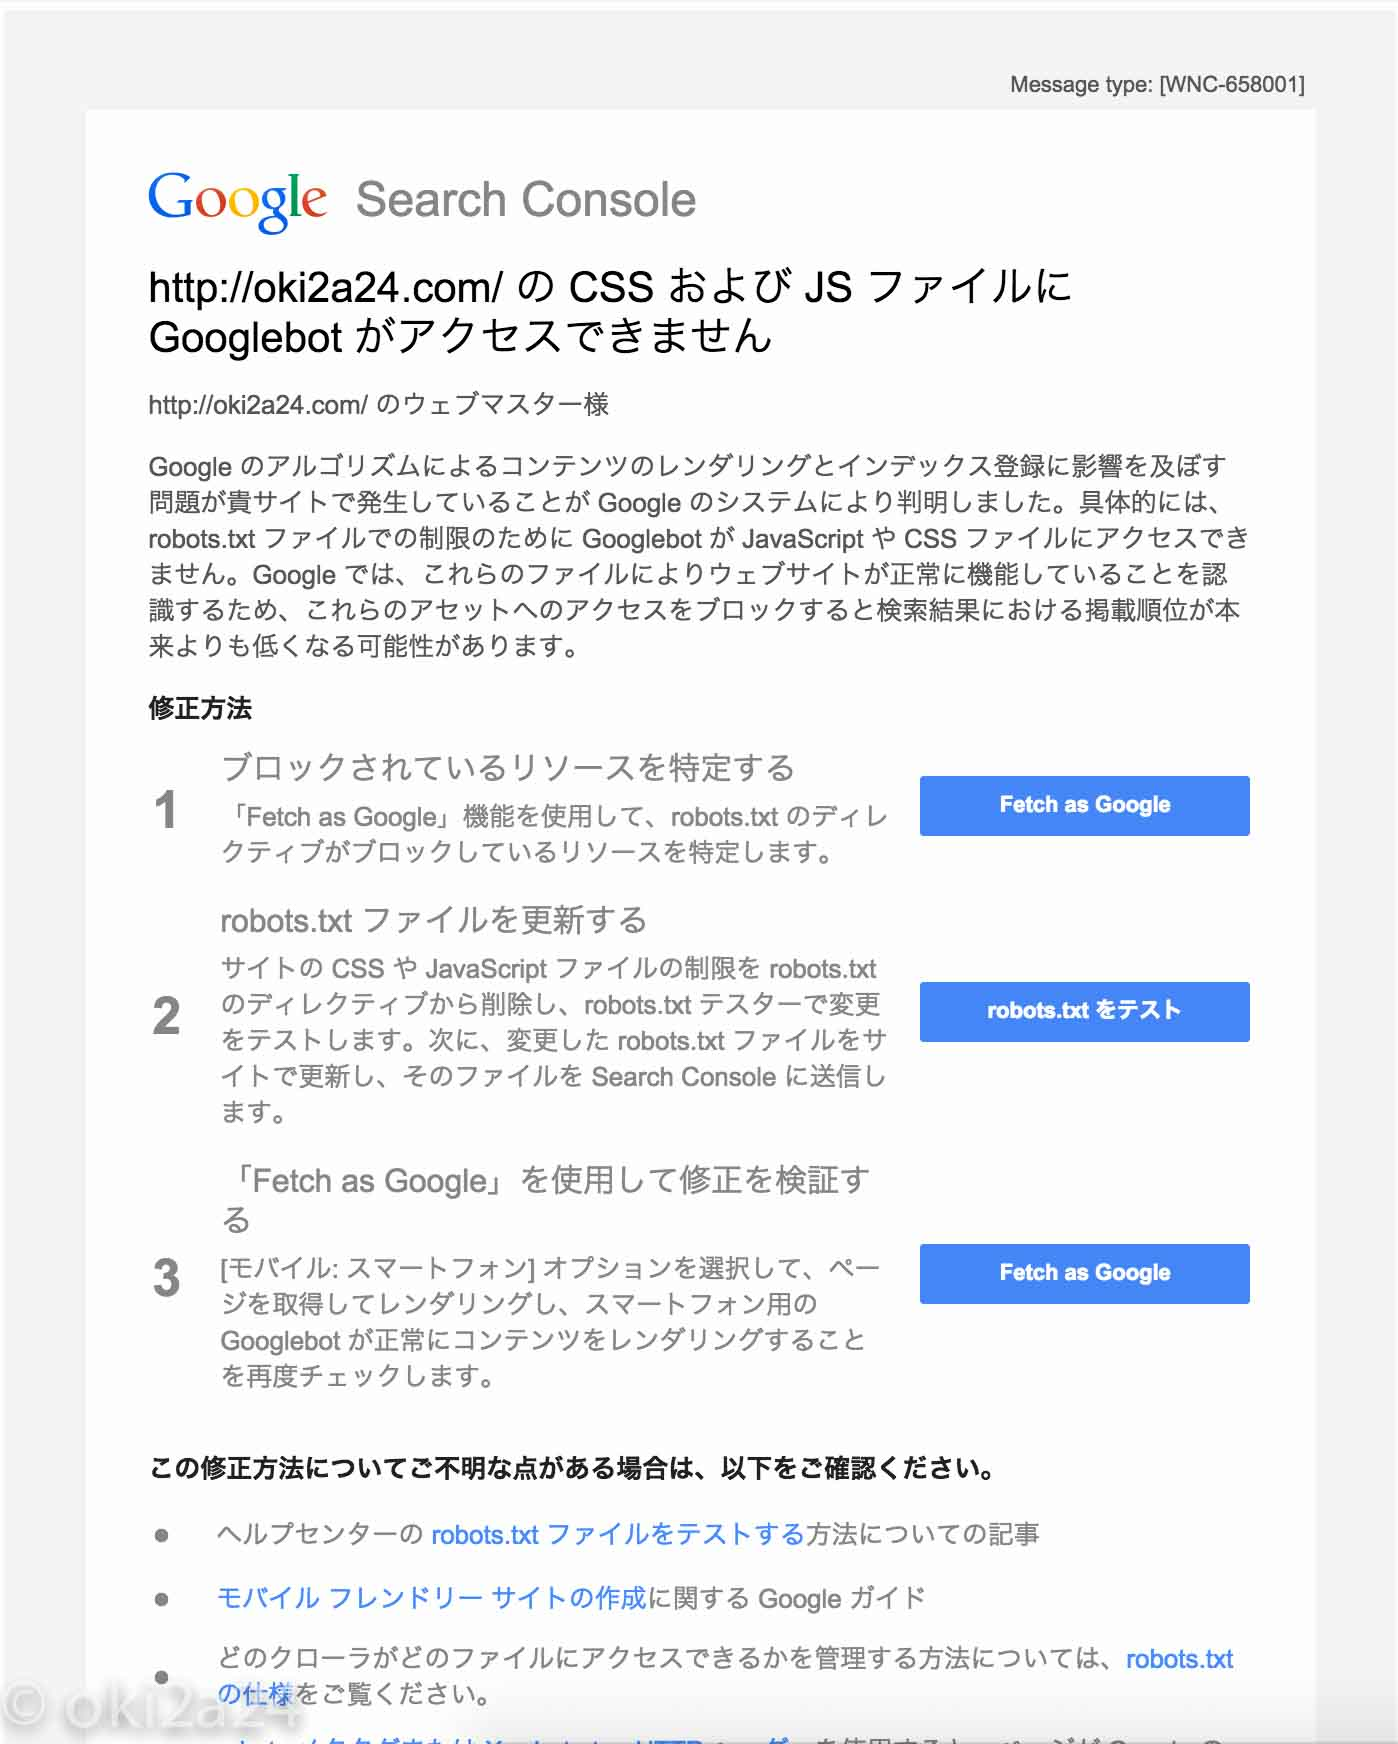 Google から送られてきたメール